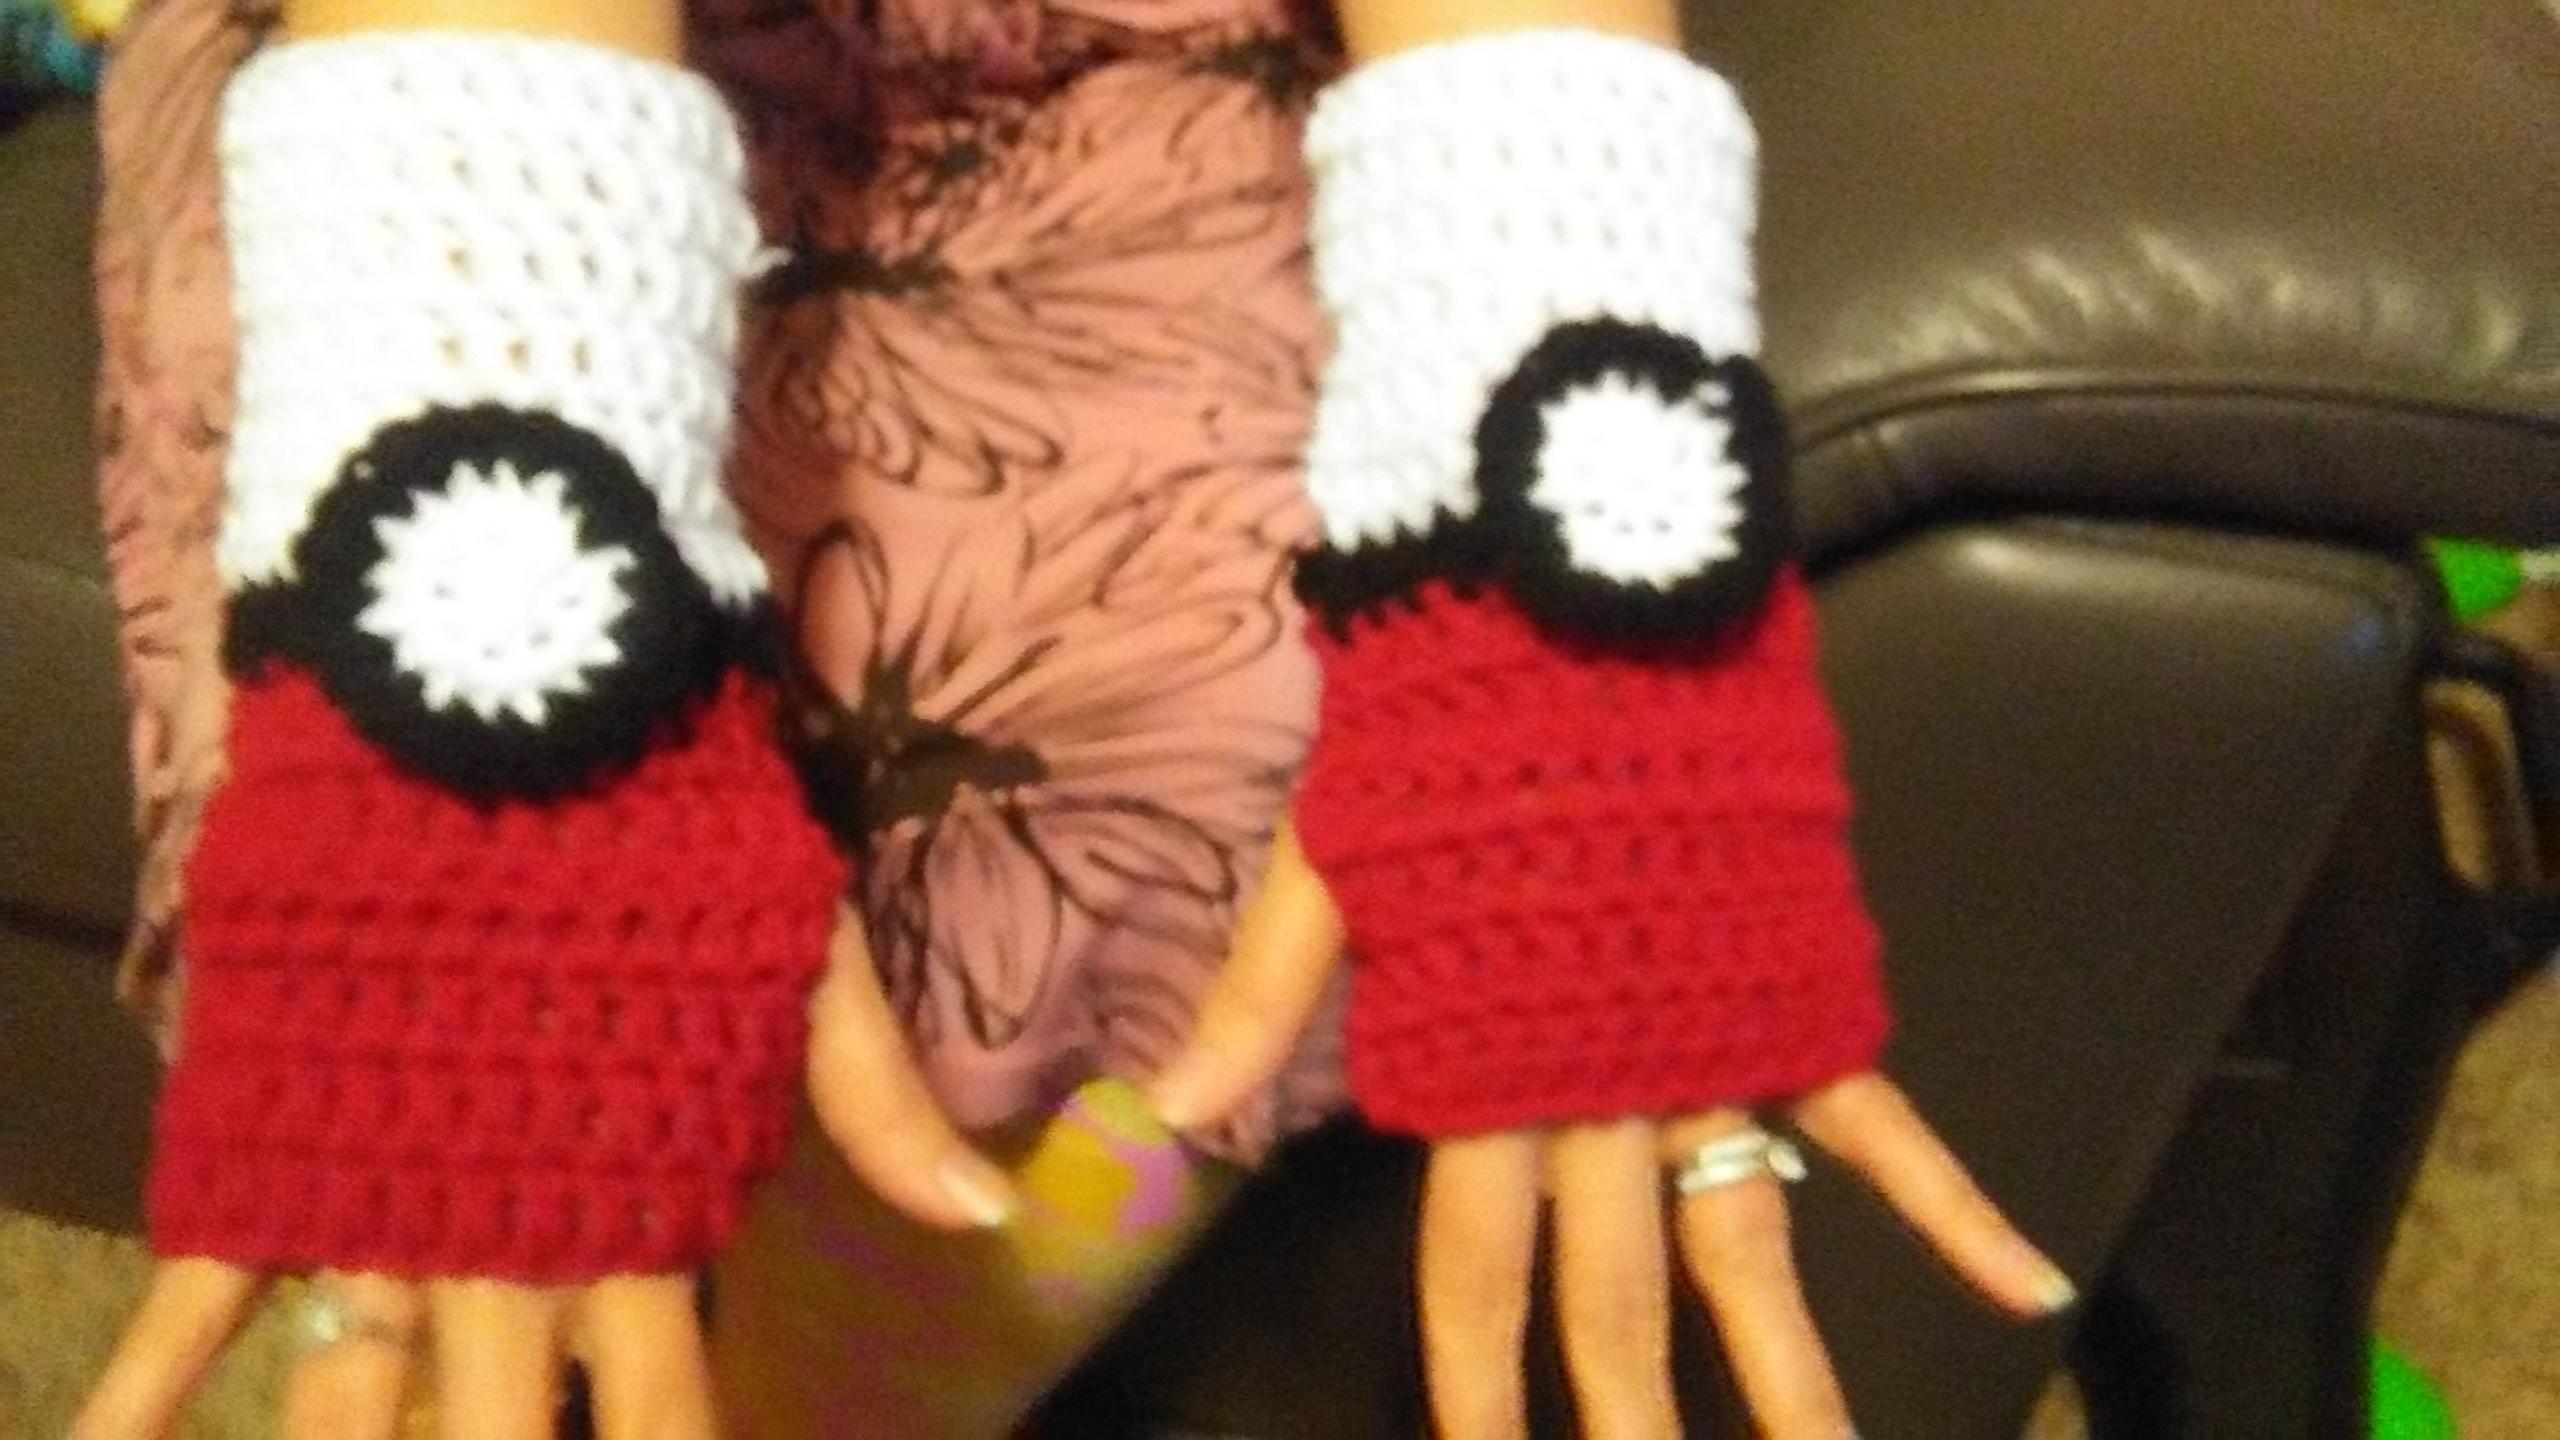 Pokémon Fingerless Gloves | eBay | Fingerless gloves, Fingerless ... | 1440x2560